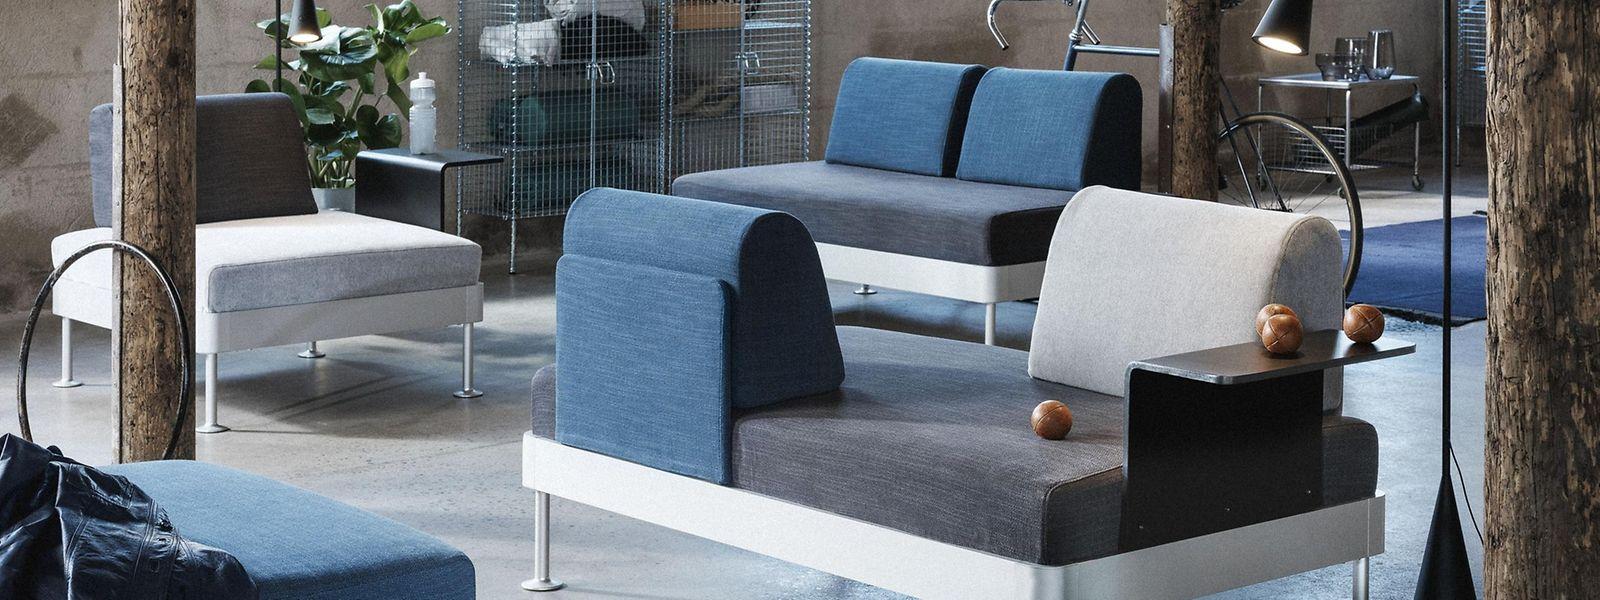 """Sofa und Sessel von """"Delaktig"""" können individuell mit Lehnen und Kissen bestückt werden, sodass viele Variationen möglich sind. Die Kollektion ist von Februar an erhältlich."""